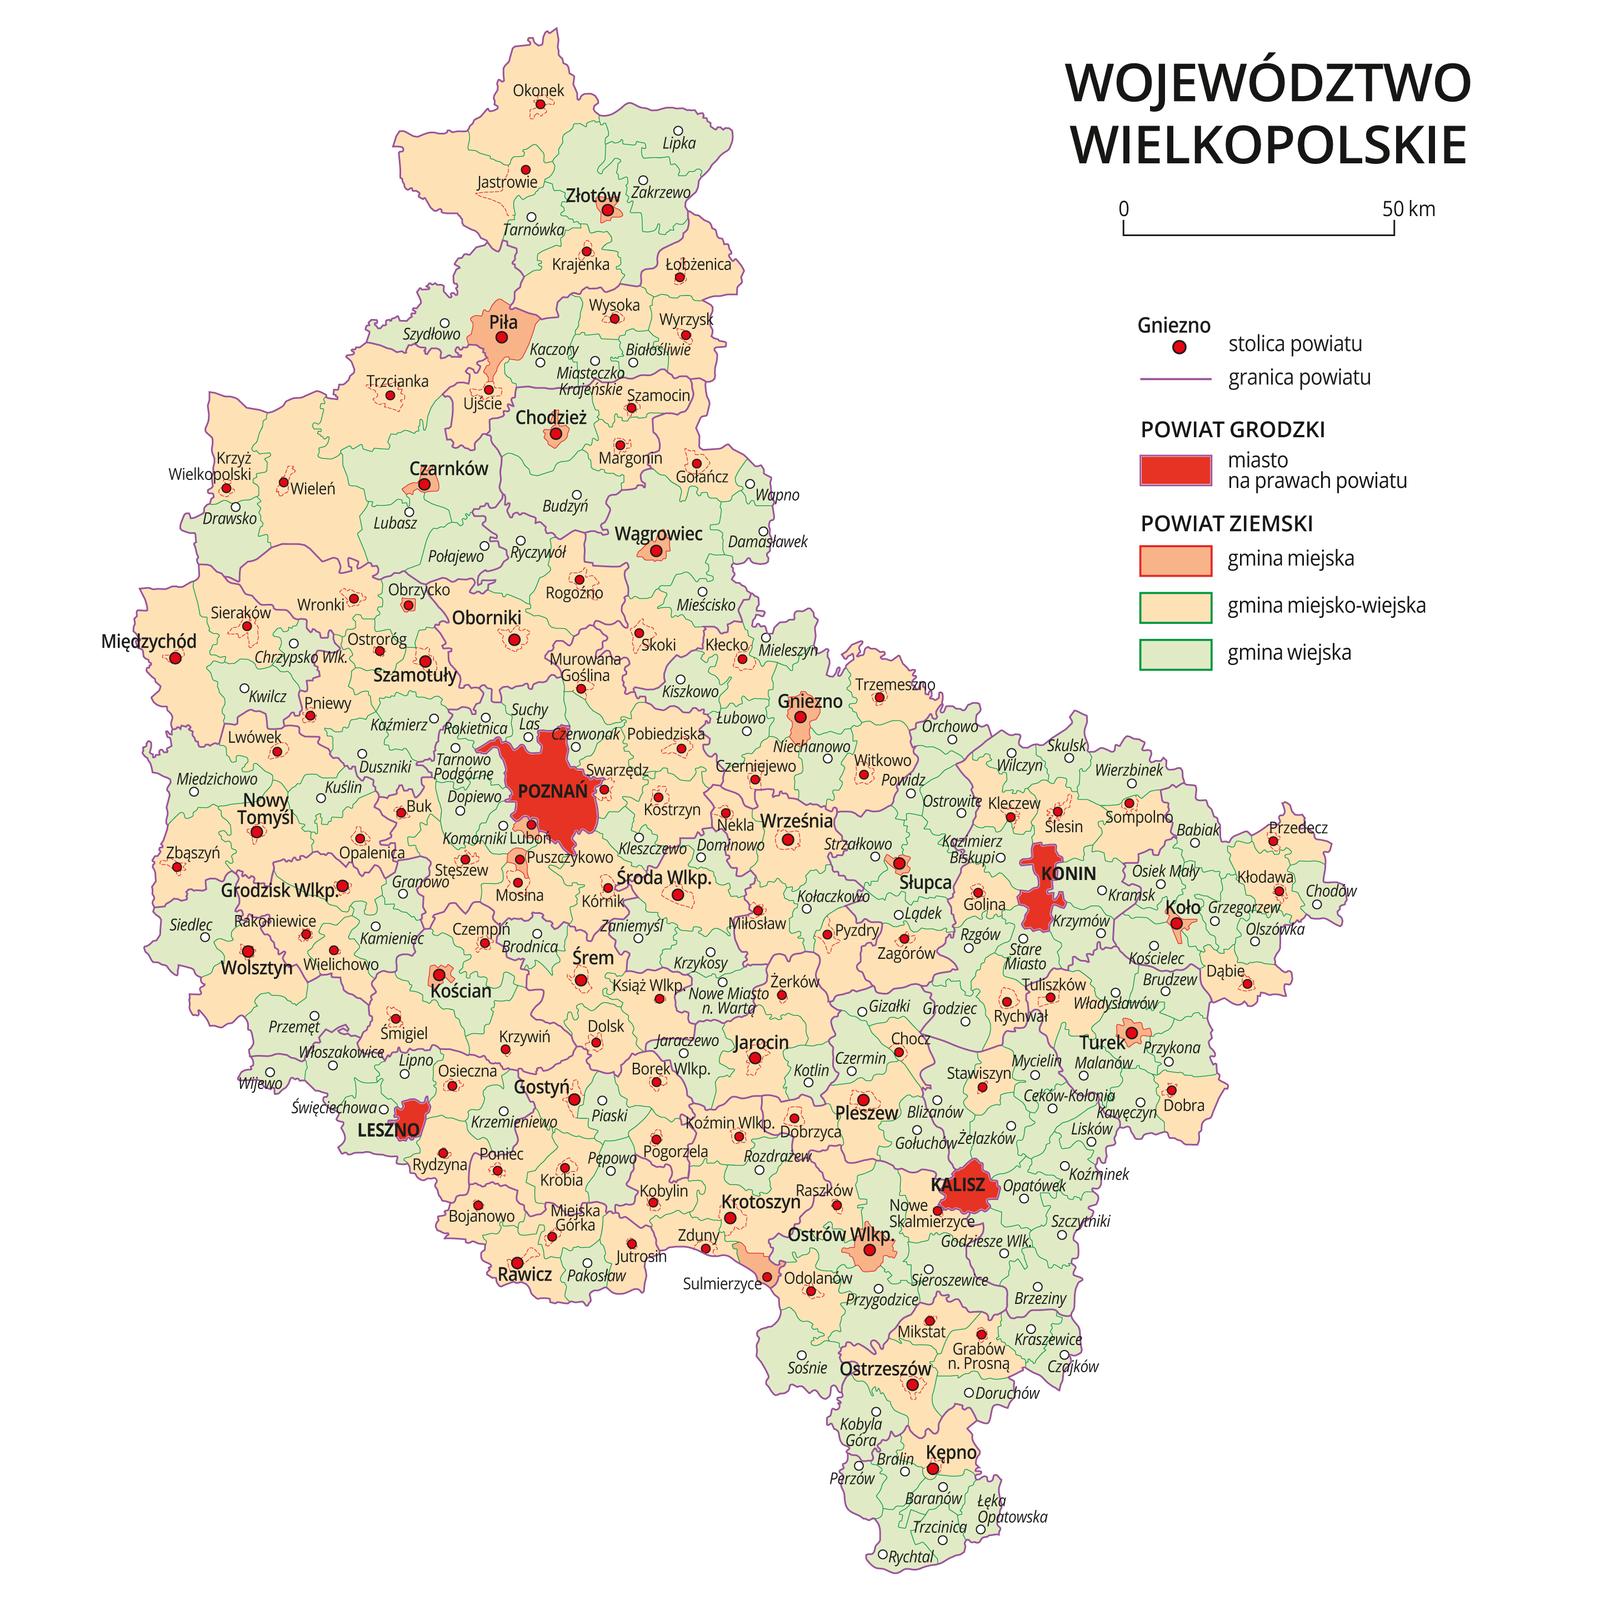 Mapa województwa wielkopolskiego. Na mapie fioletowymi liniami zaznaczono granice powiatów ziemskich, dużymi czerwonymi kropkami zaznaczono miasta będące stolicami powiatów. Wobrębie powiatów ziemskich kolorami wyróżniono gminy miejskie, miejsko-wiejskie iwiejskie. Czerwonym kolorem wyróżniono powiaty grodzkie zmiastami na prawach powiatu, miasta te opisano dużymi literami. Kolory iznaki użyte na mapie opisano wlegendzie. Wlegendzie podziałka liniowa.